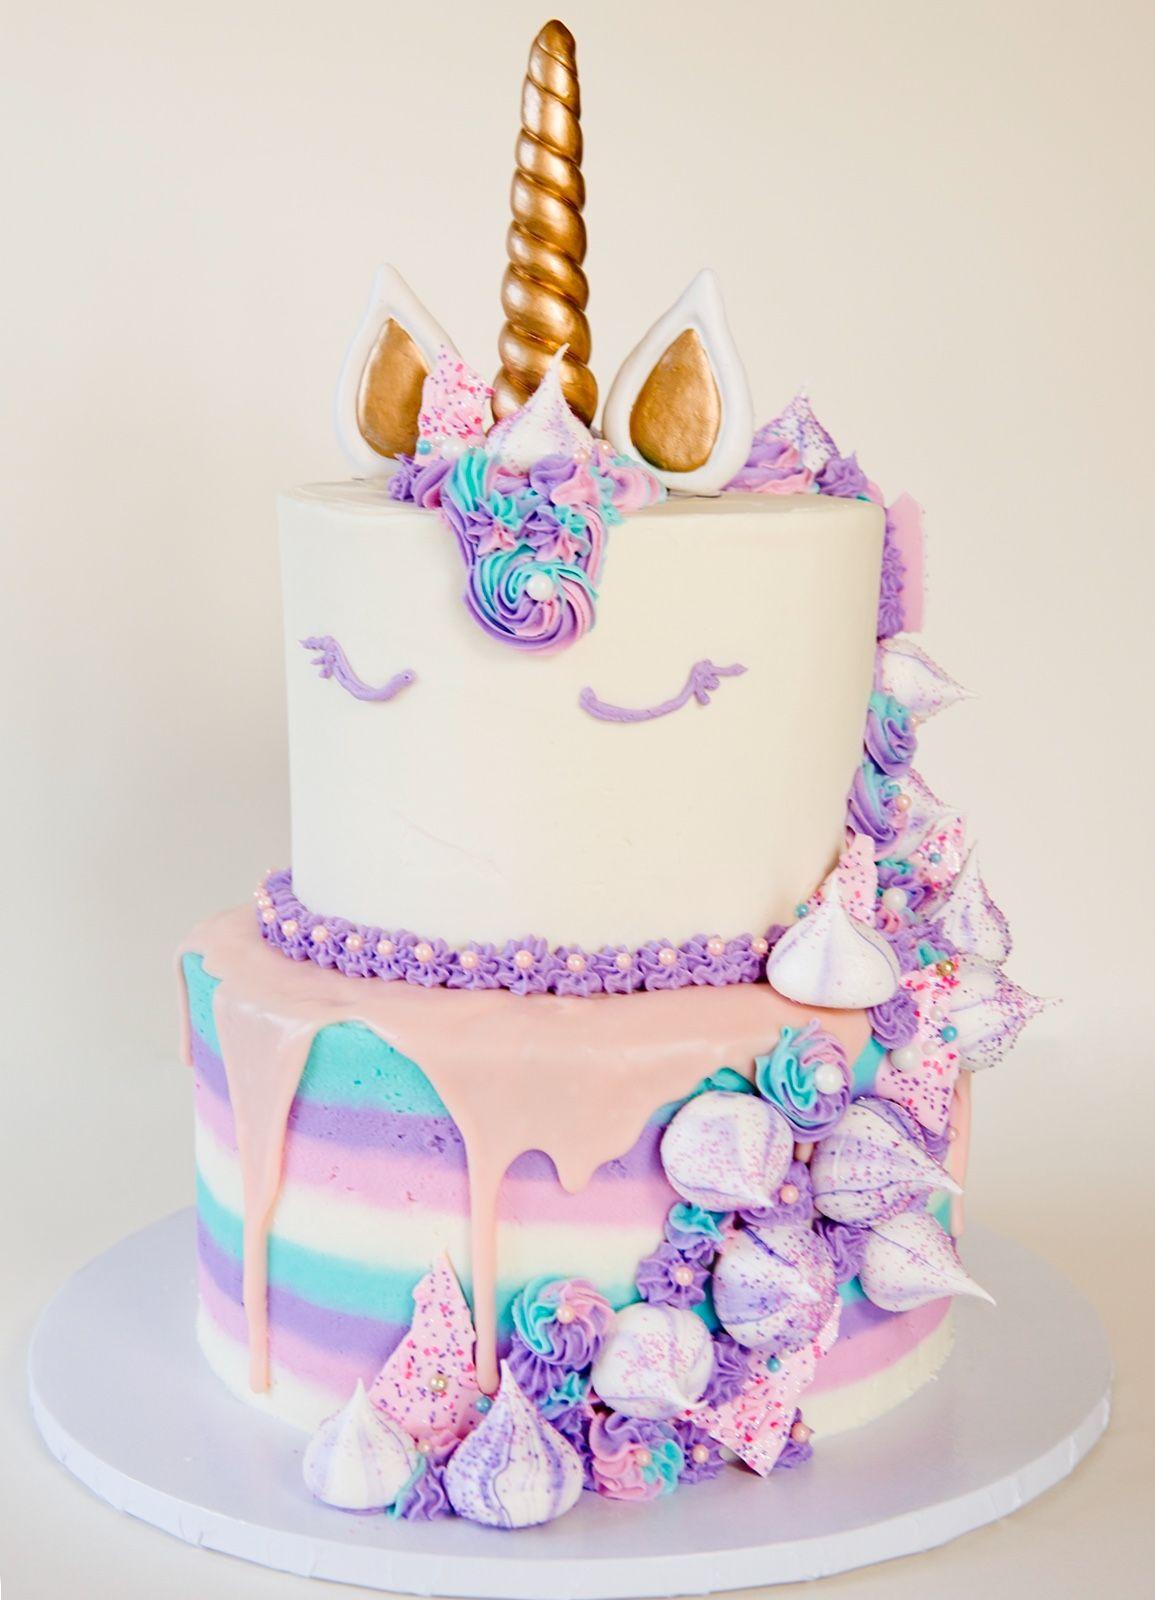 Large Unicorn Cake Idea